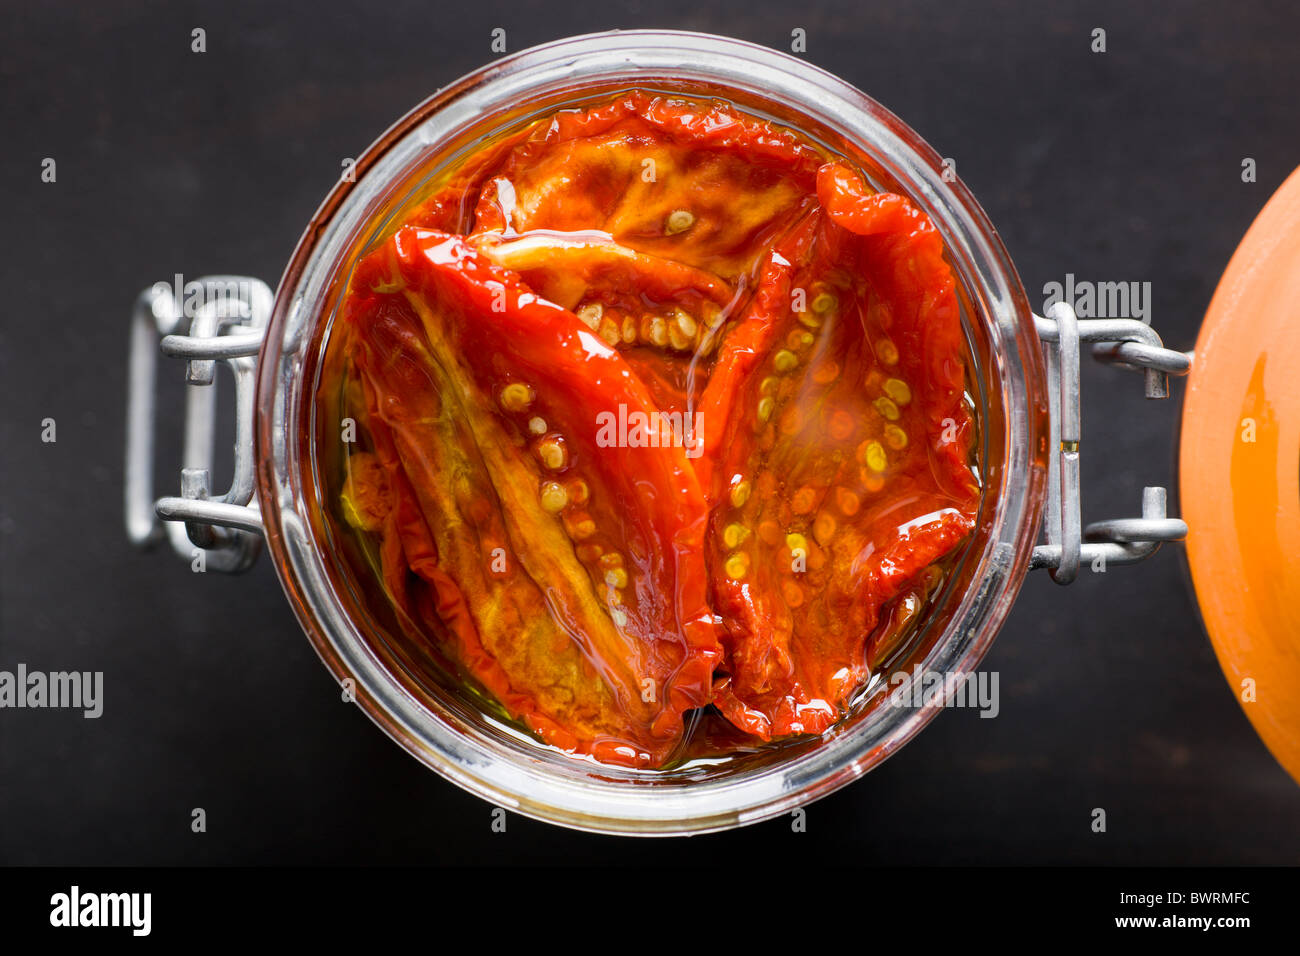 Un vaso di vetro riempito con Sun-Dried pomodori e olio di oliva su uno sfondo nero. Immagini Stock